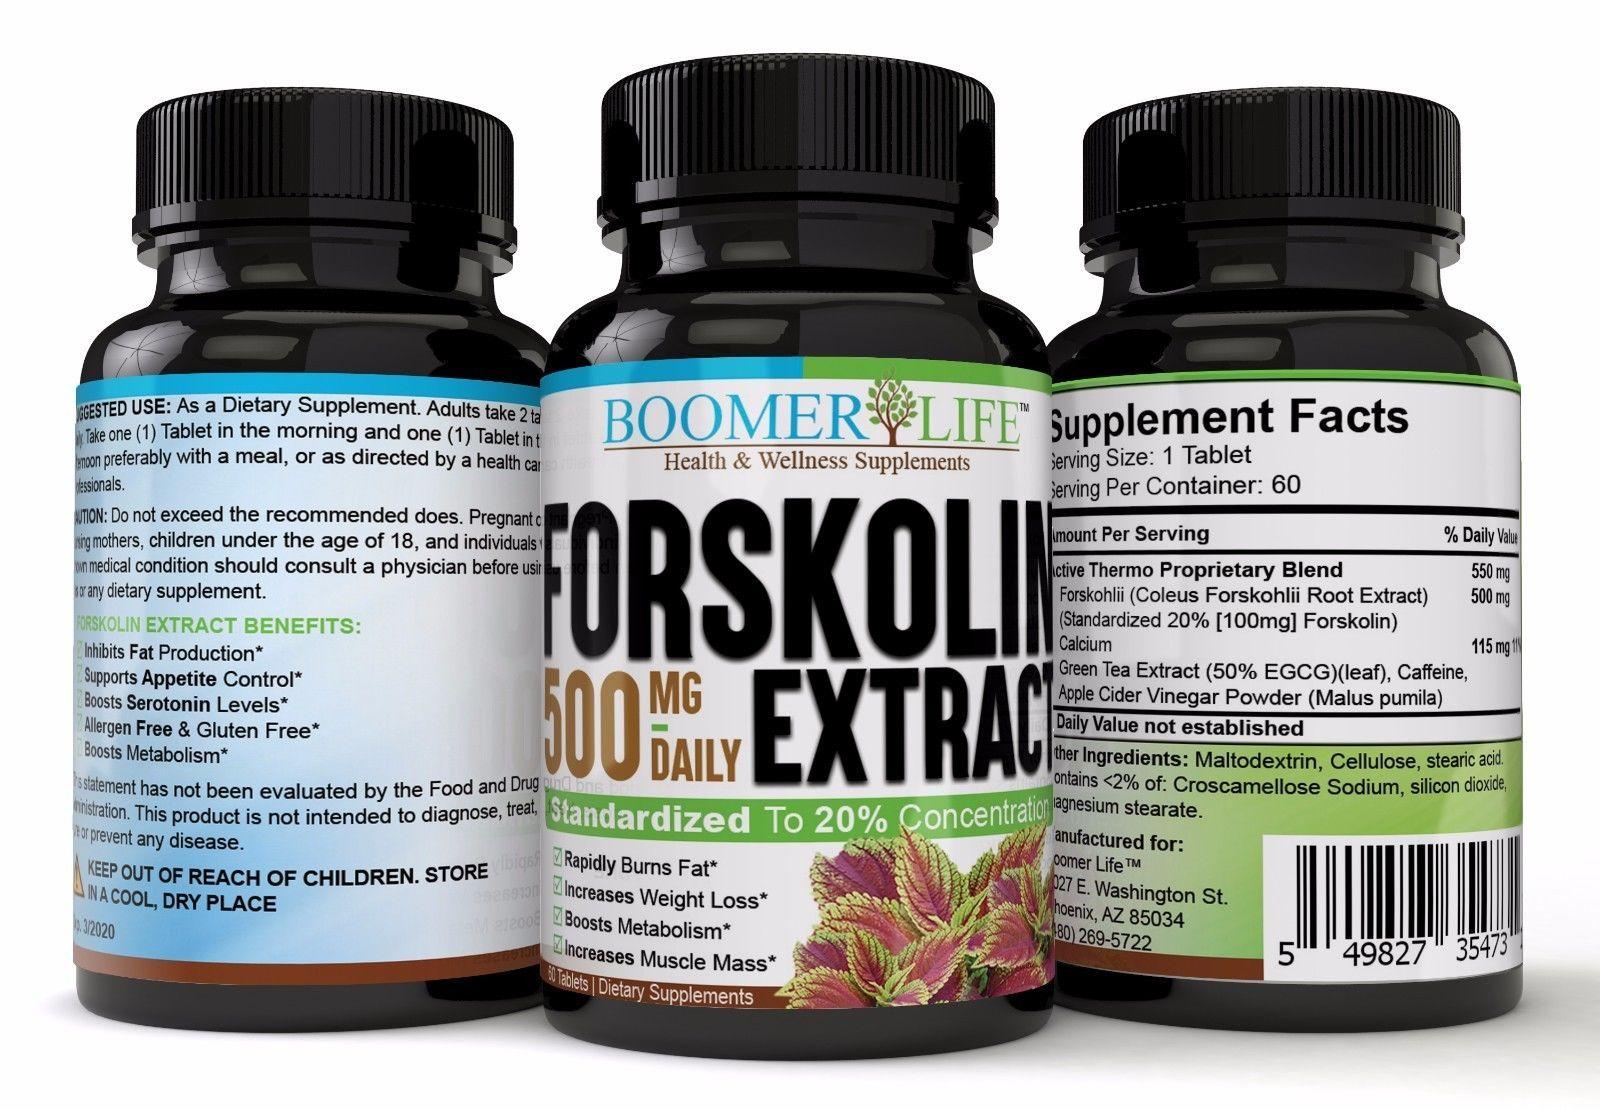 Best weight loss supplement holland and barrett